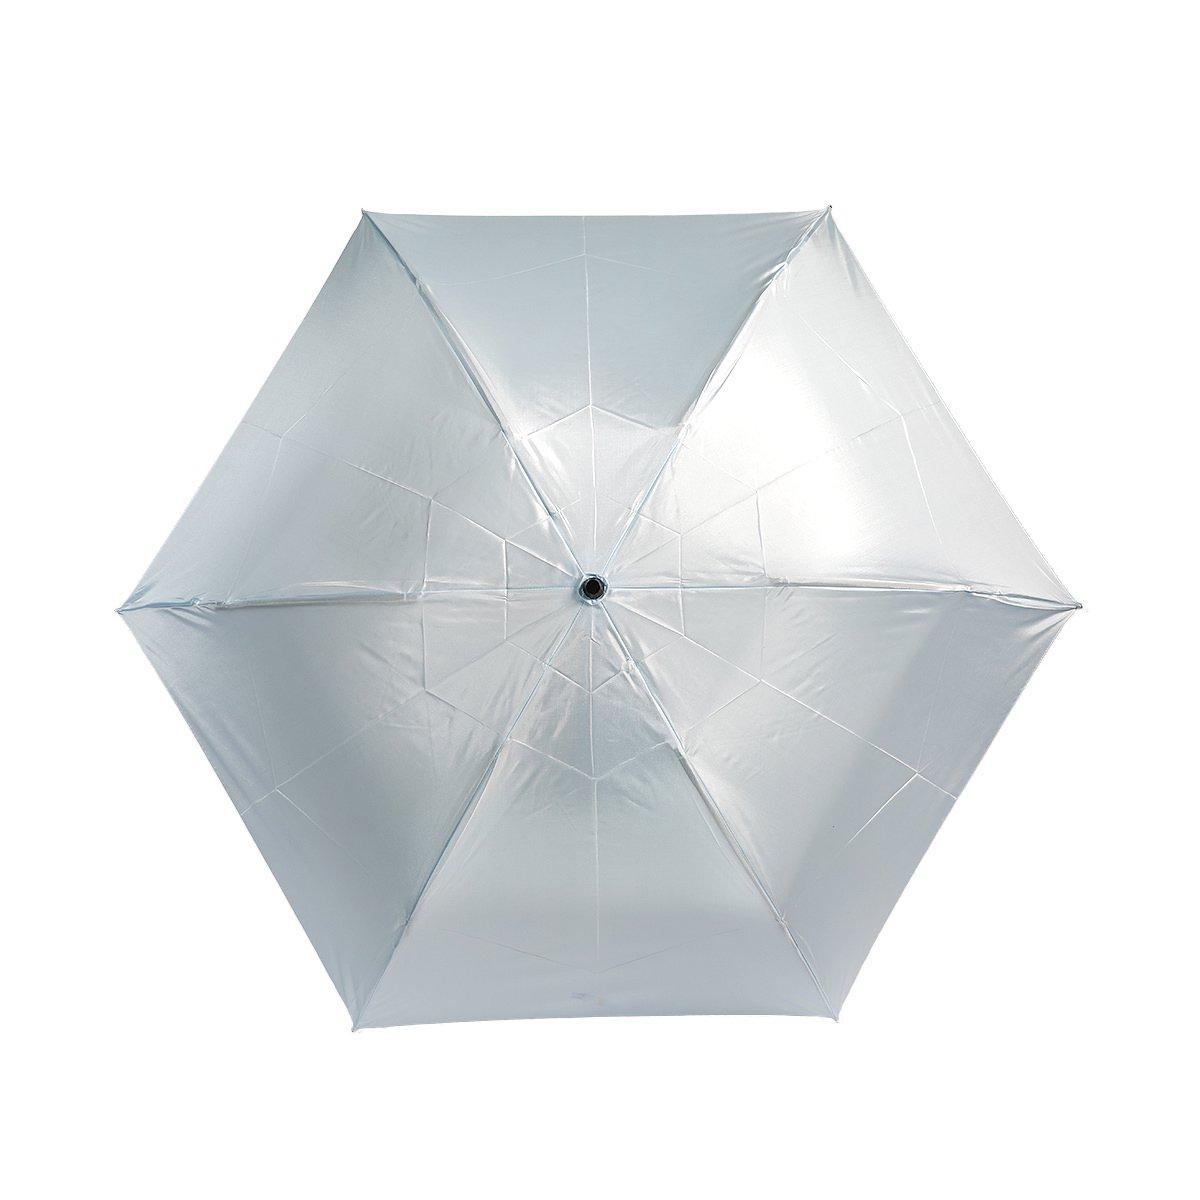 レディース 富士絹 折りたたみ傘 詳細画像14